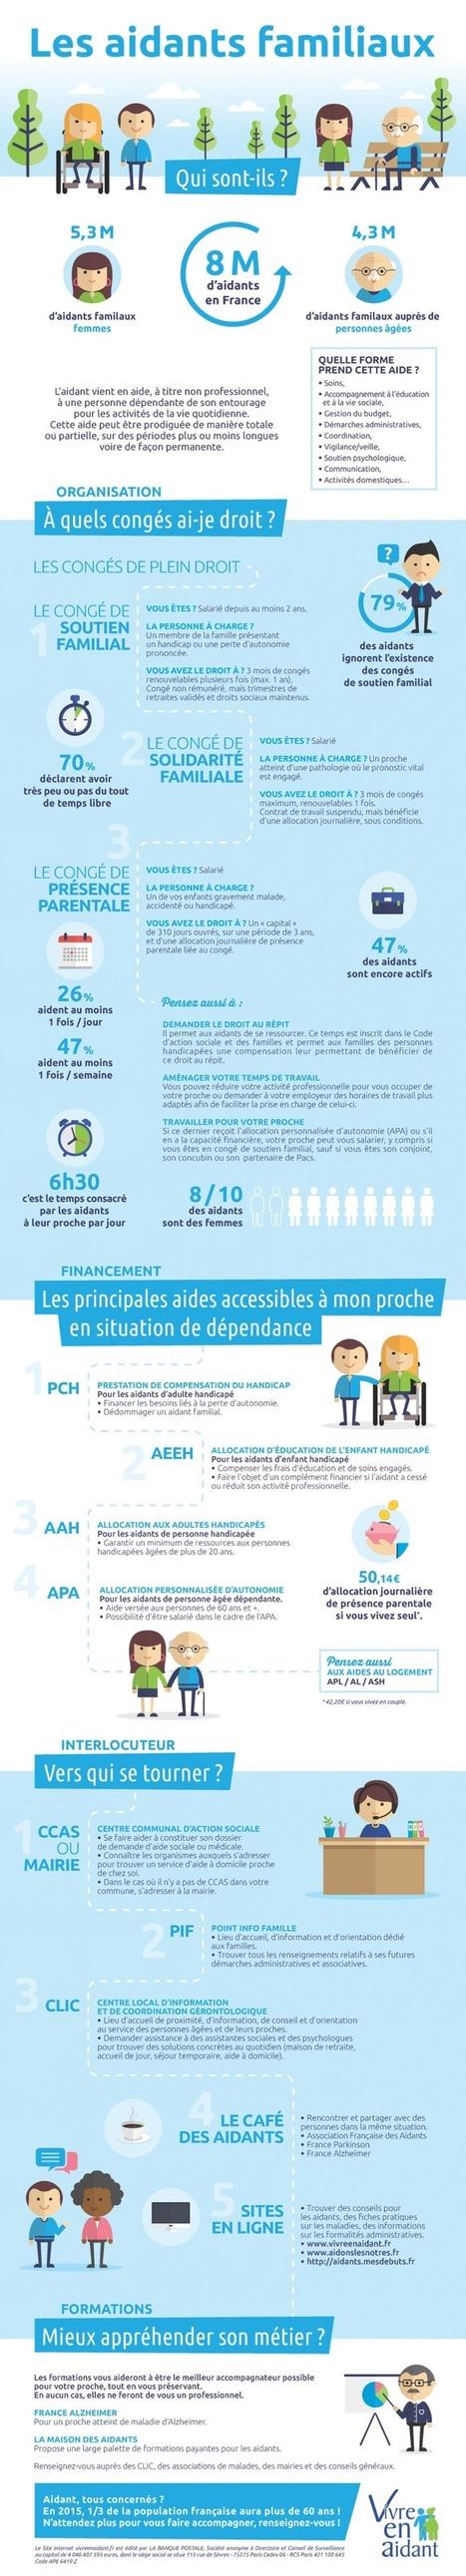 Infographie : à la découverte des aidants familiaux | Silver Economie | Scoop.it